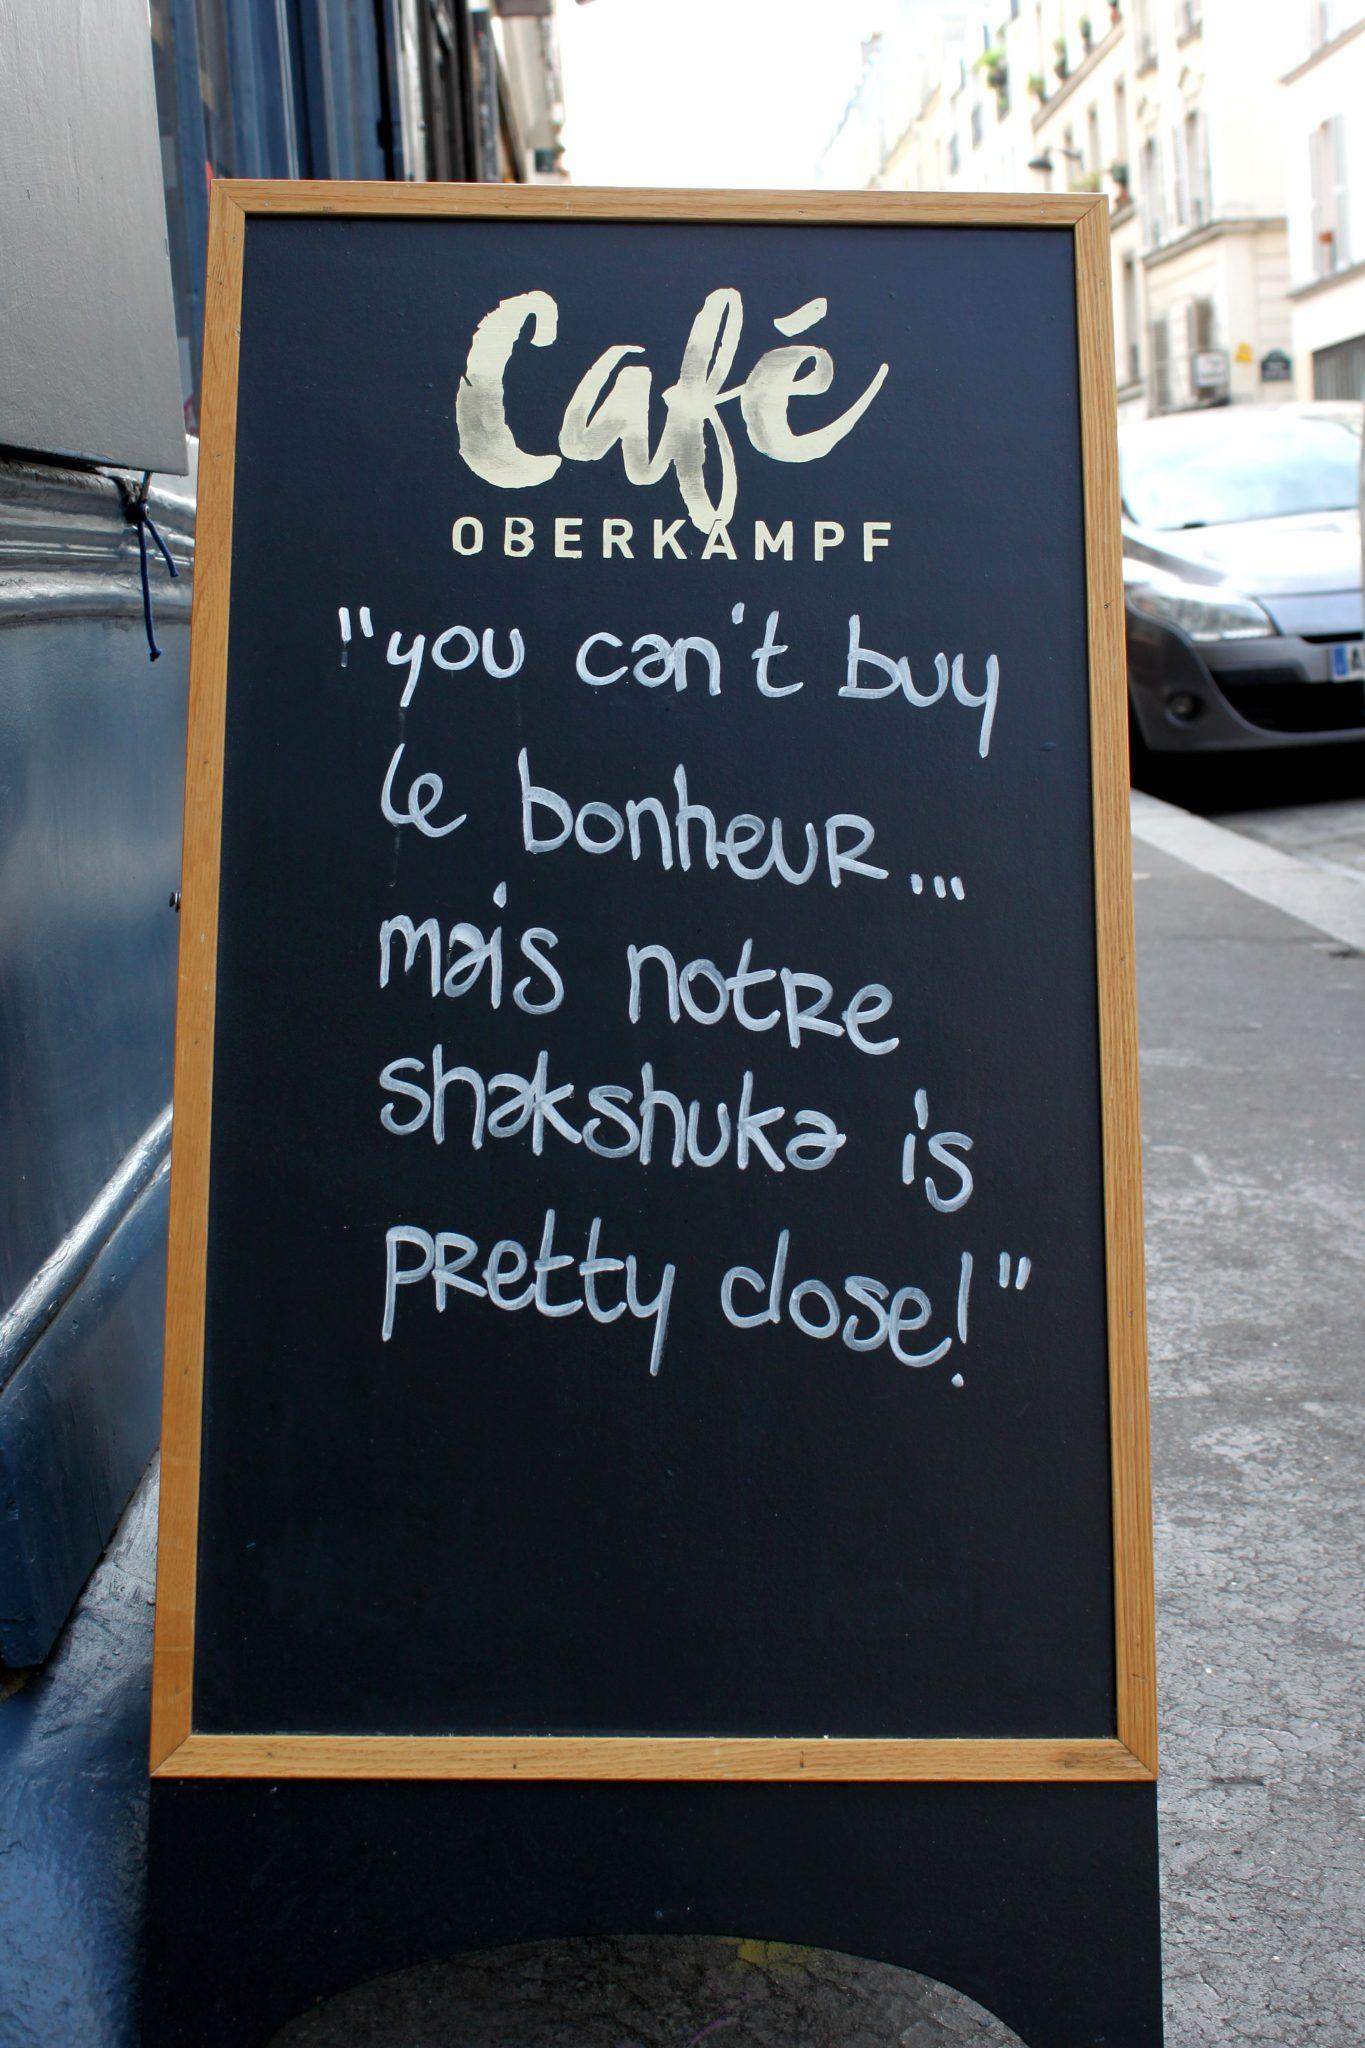 Café Oberkampf -cartel